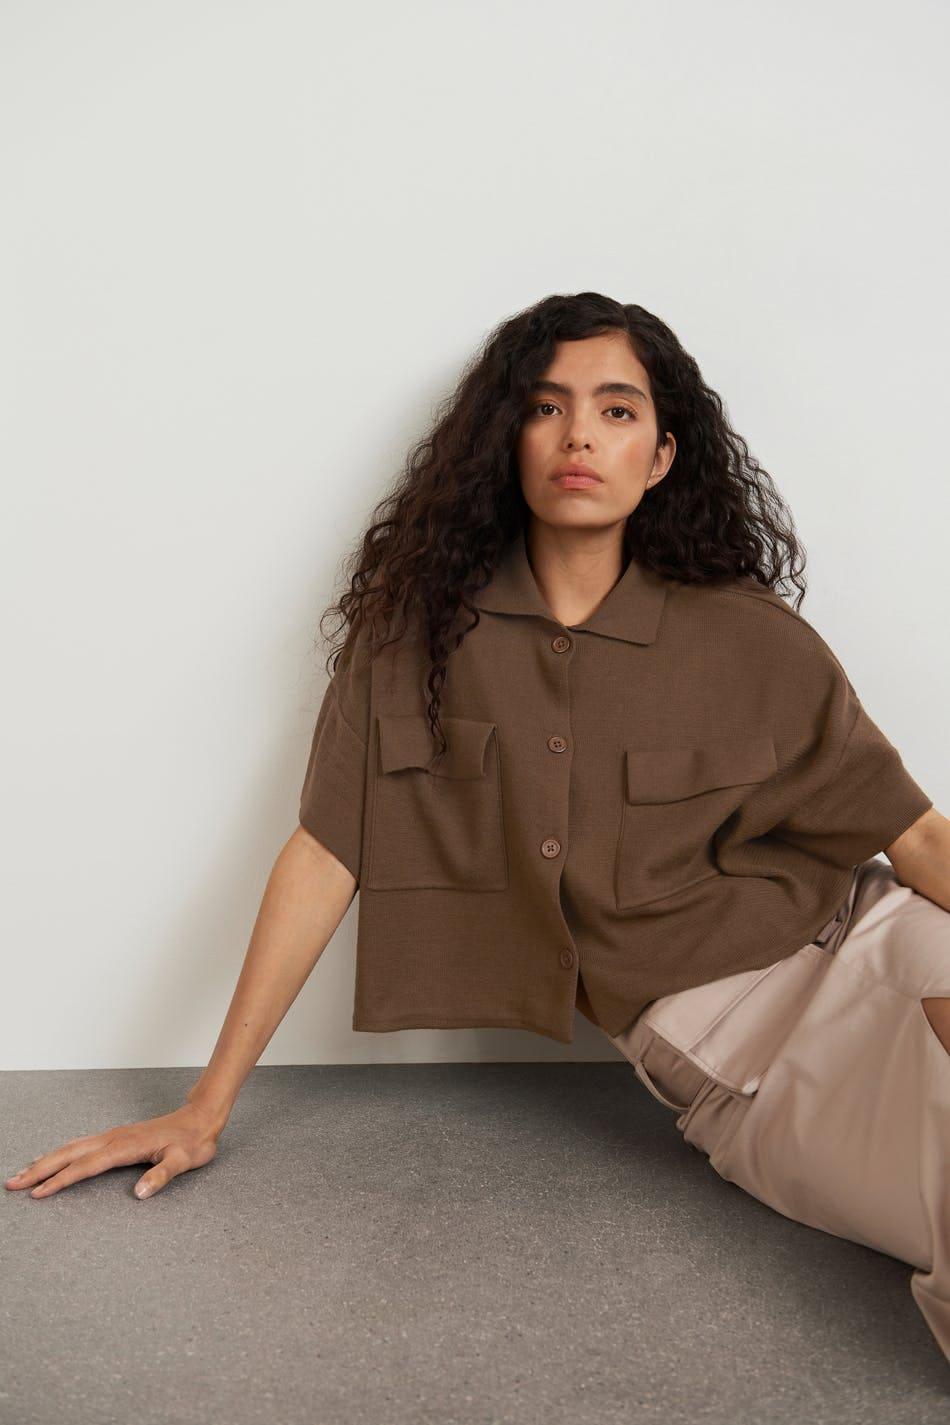 Finstickad, brun tröja med krage och fickor